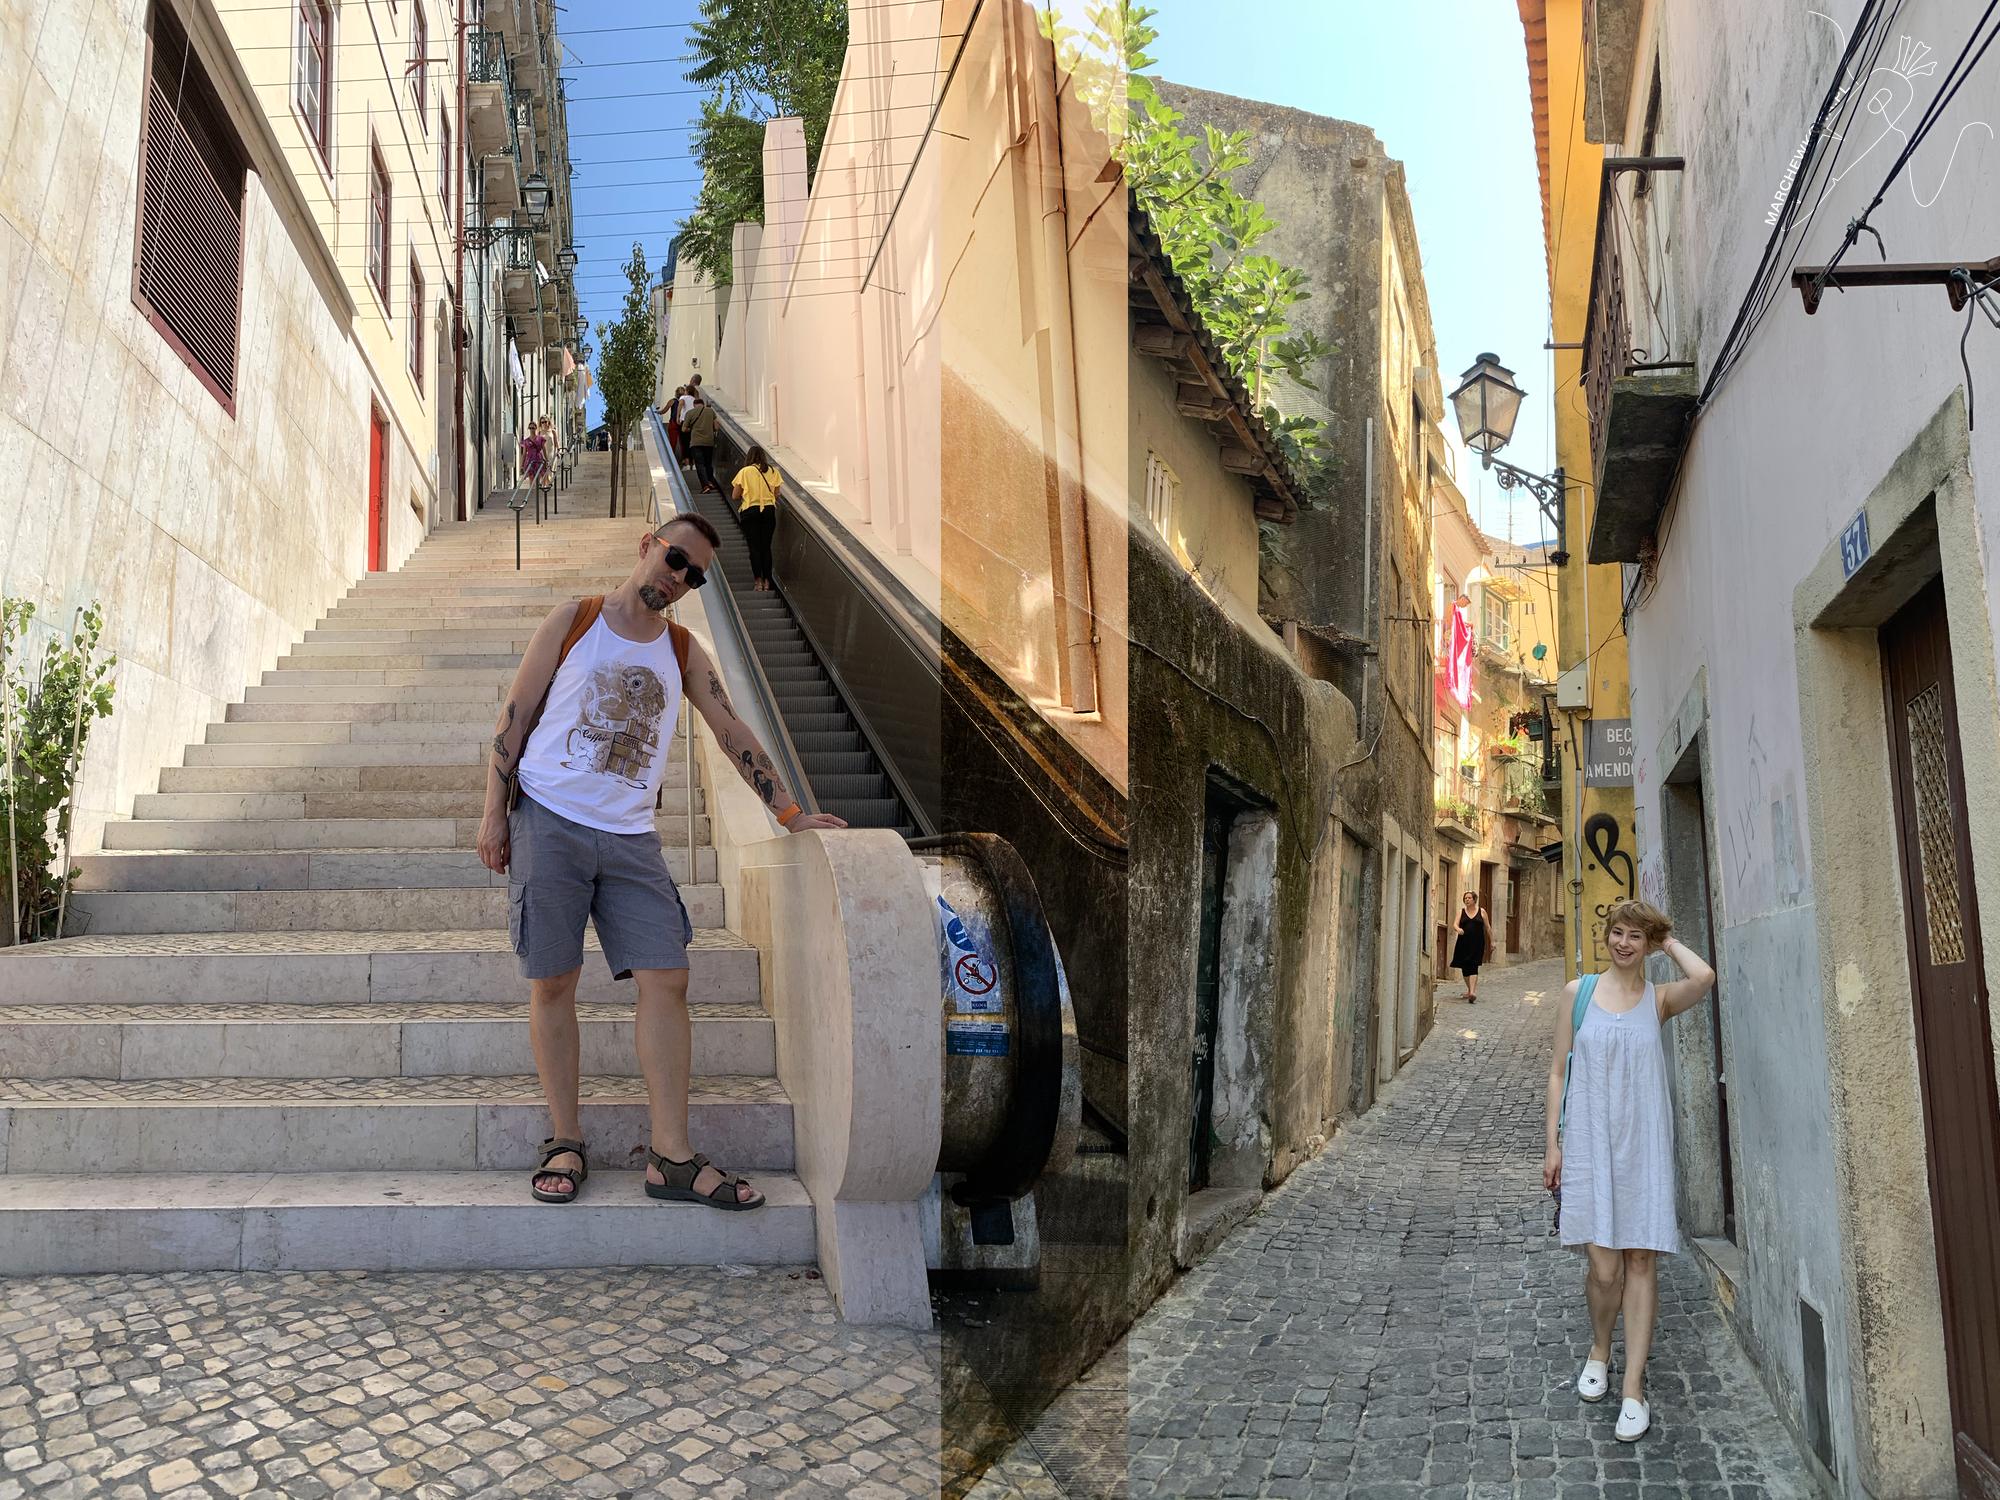 marchewkowa, blog, podróże, urlop, wakacje, Portugalia, Lizbona, Mouraria, fado, travel, Lisboa, Igreja e Convento da Graça